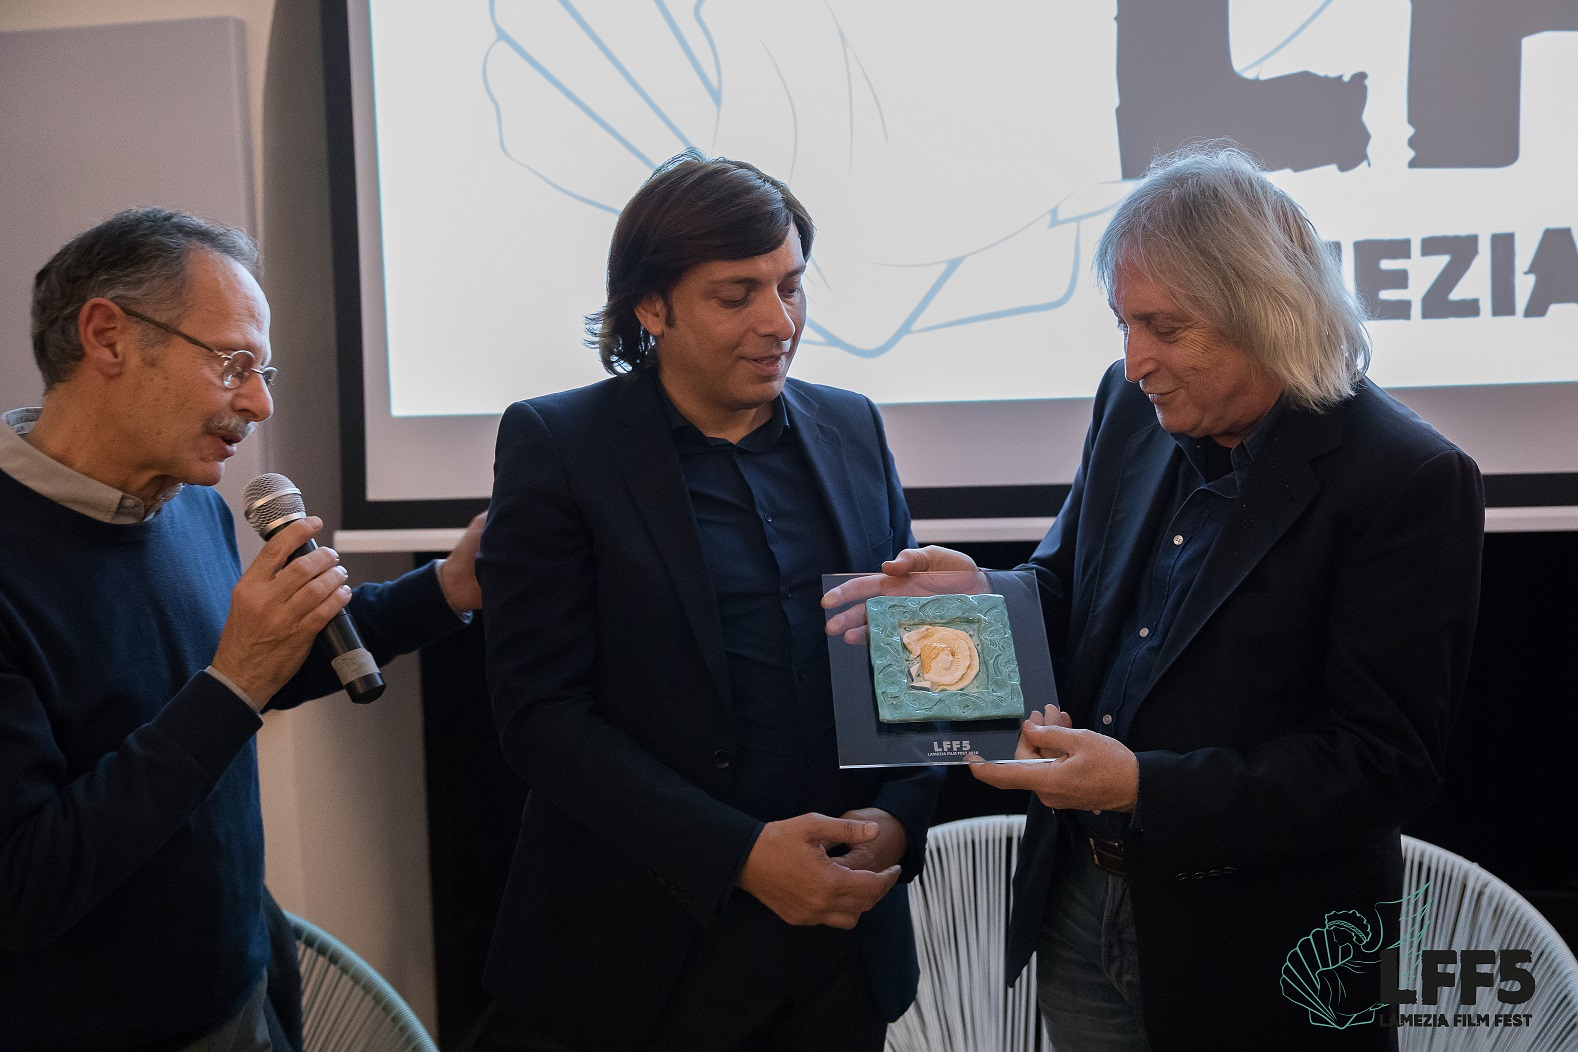 Enrico Vanzina - ritiro premio insieme ad Anton Giulio Grande